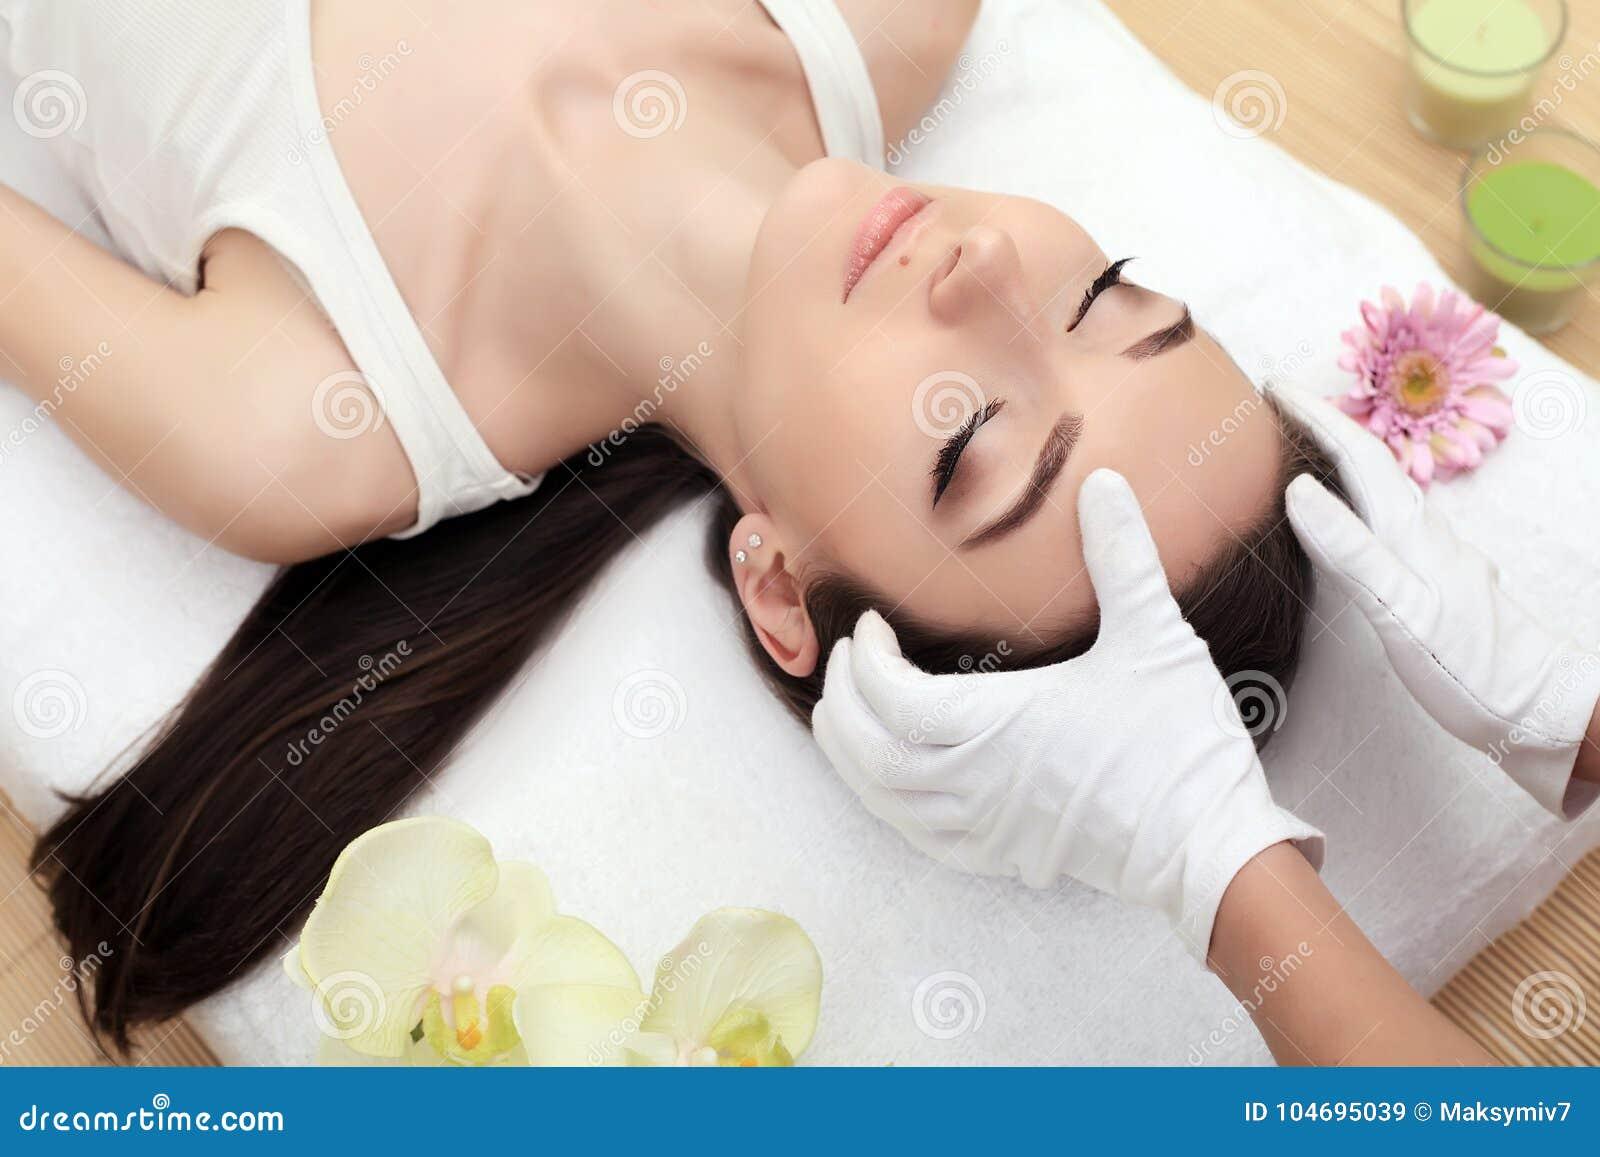 Huid en lichaamsverzorging Close-up van een Young Woman Getting Spa Behandeling bij Schoonheidssalon De Massage van het kuuroordg